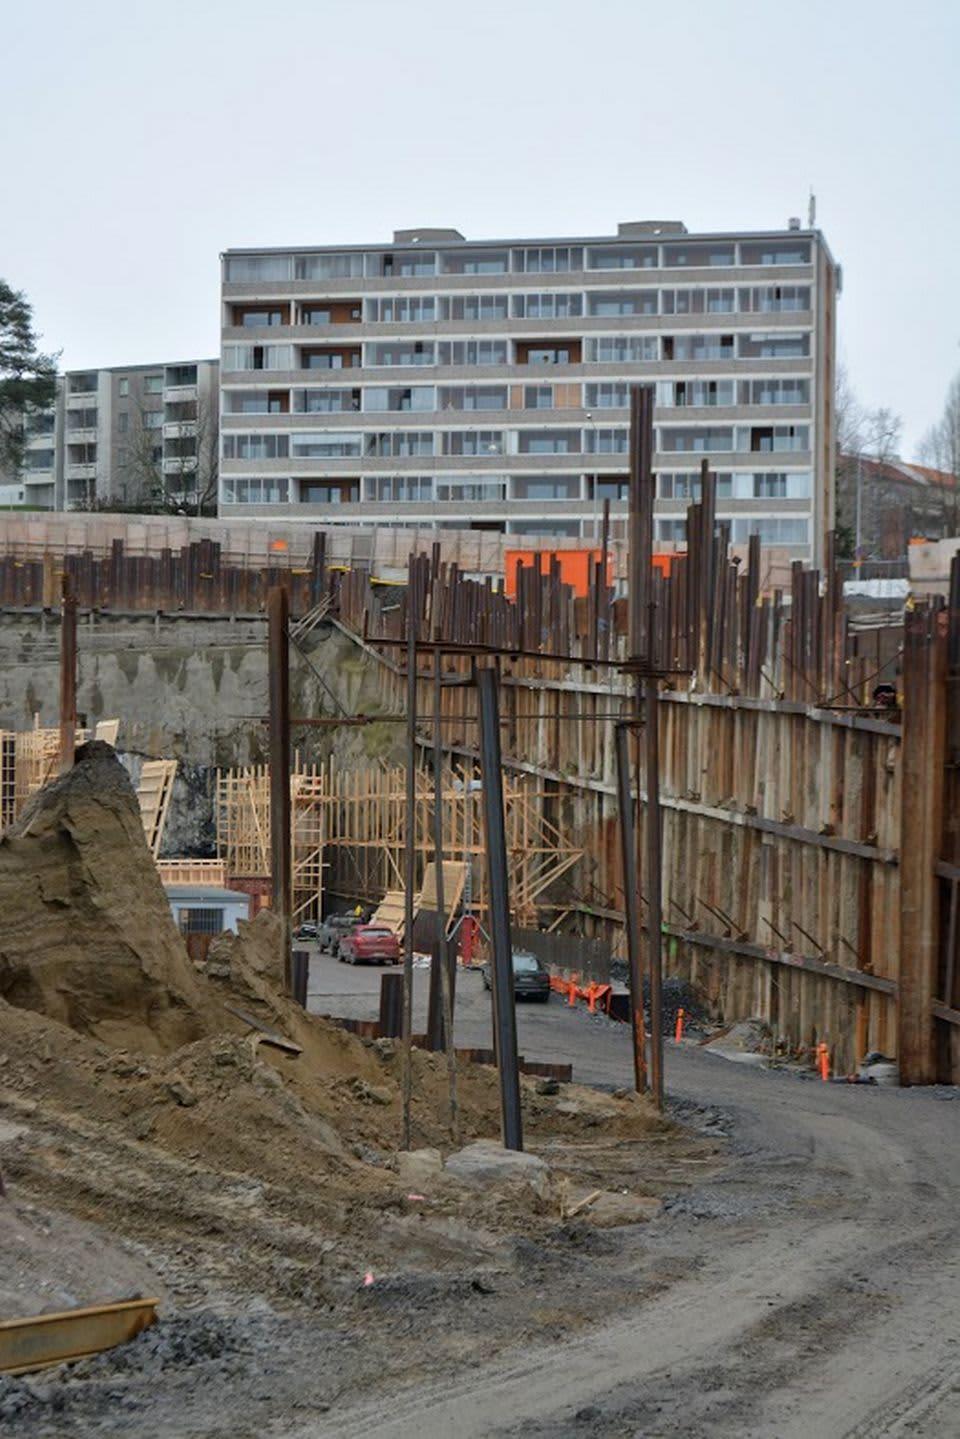 Tunnelin suuaukon massiiviset rakennelmat etualalla, takana kerrostaloja.